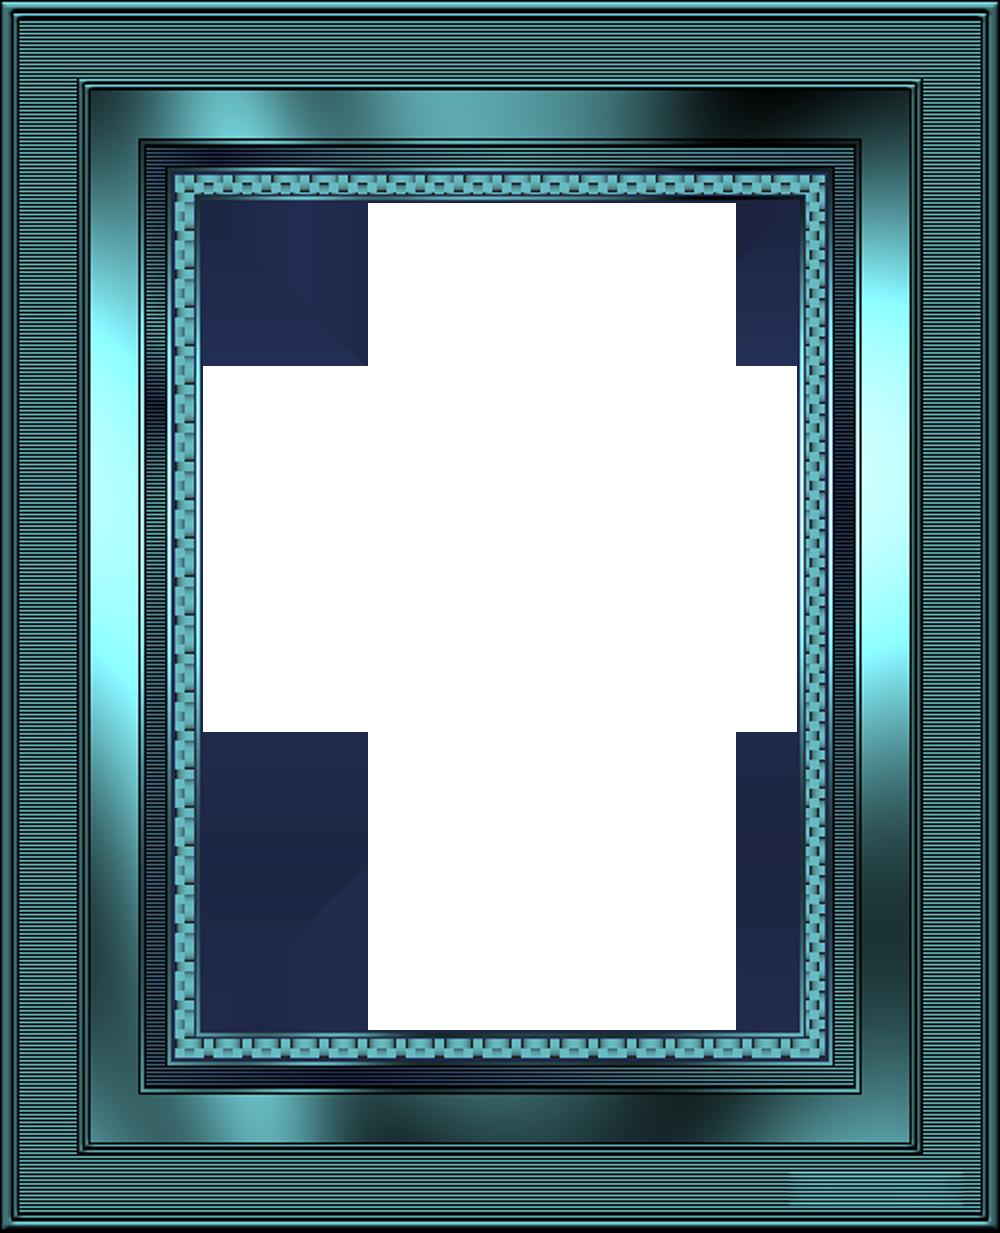 Blue+frames+%285%29.png (1000×1233) | Frames | Pinterest